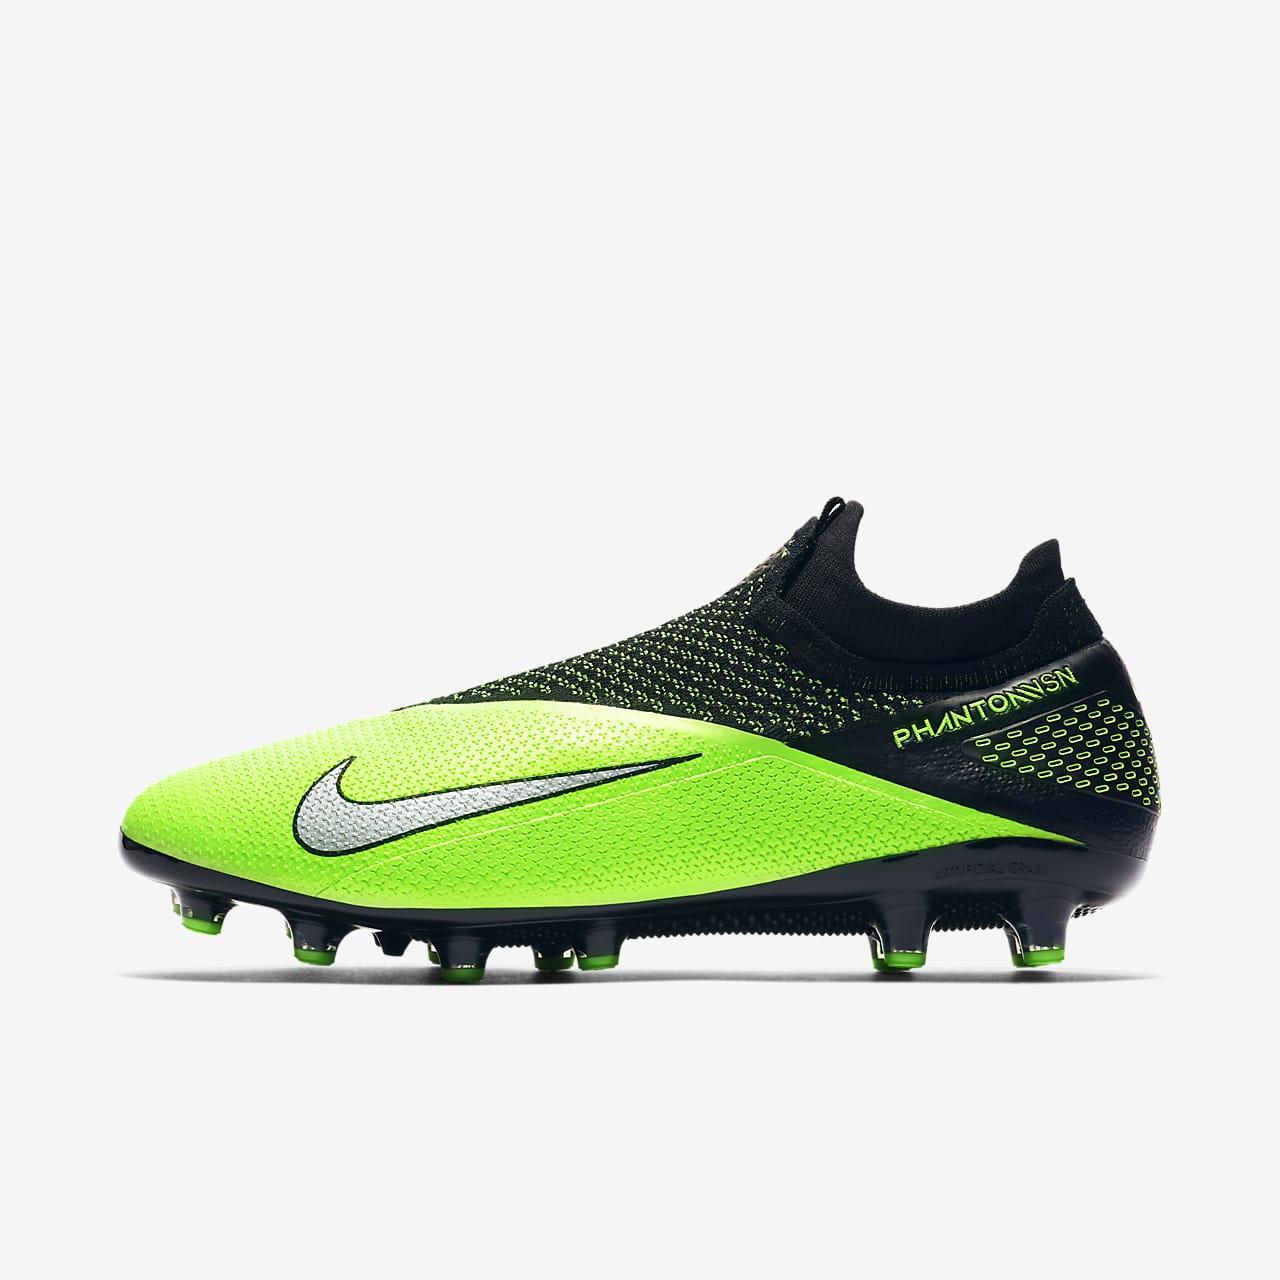 Chaussure de football à crampons pour terrain synthétique Nike Phantom Vision 2 Elite Dynamic Fit AG PRO